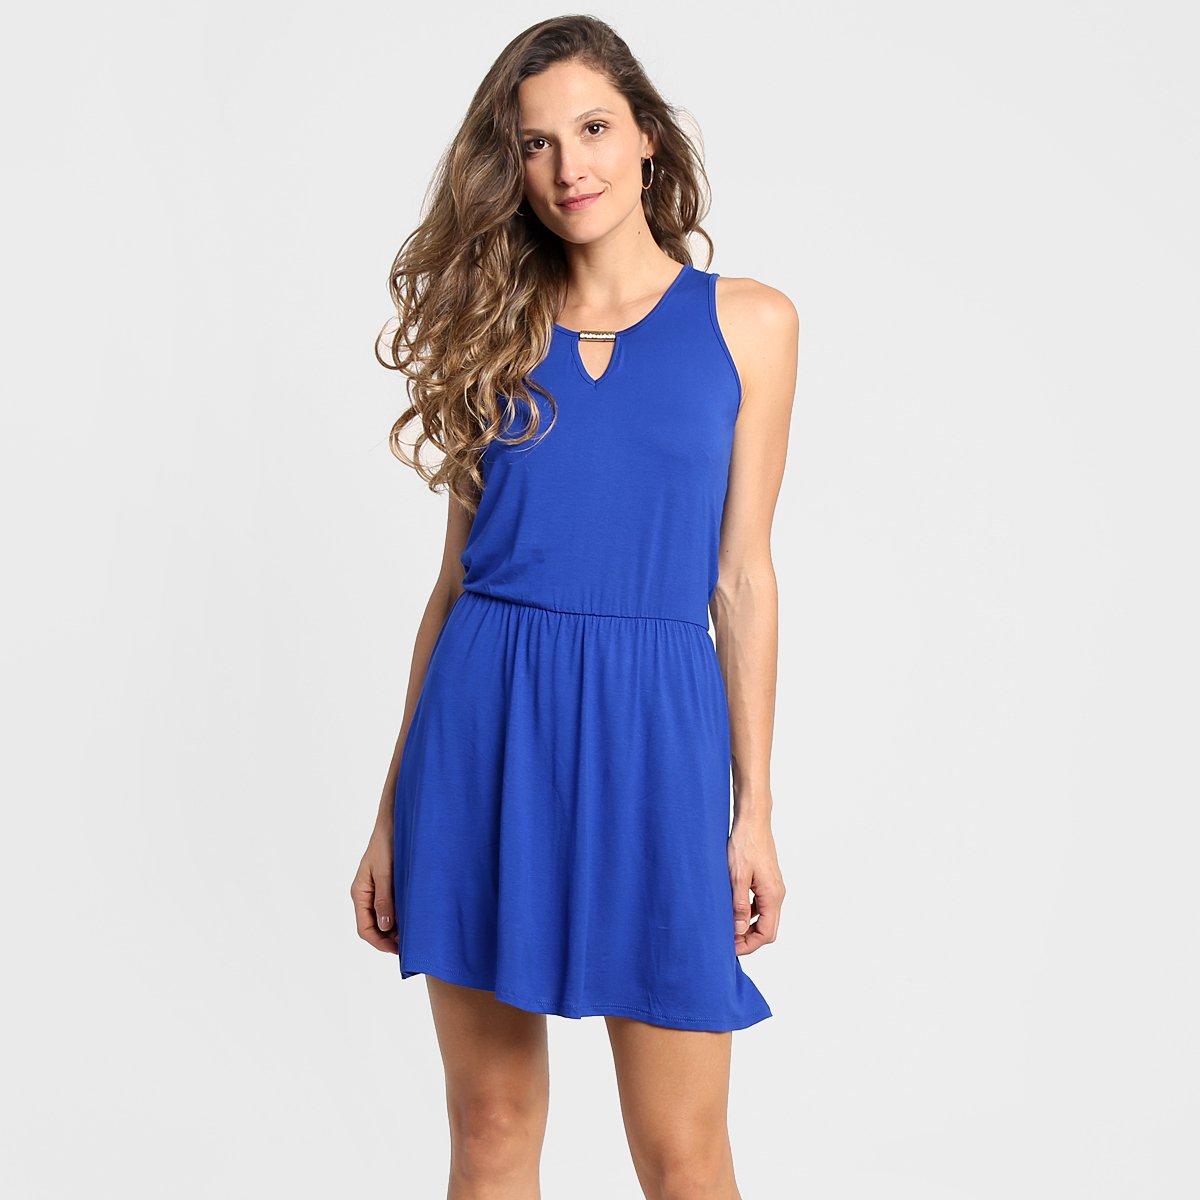 Vestido azul royal aberto nas costas